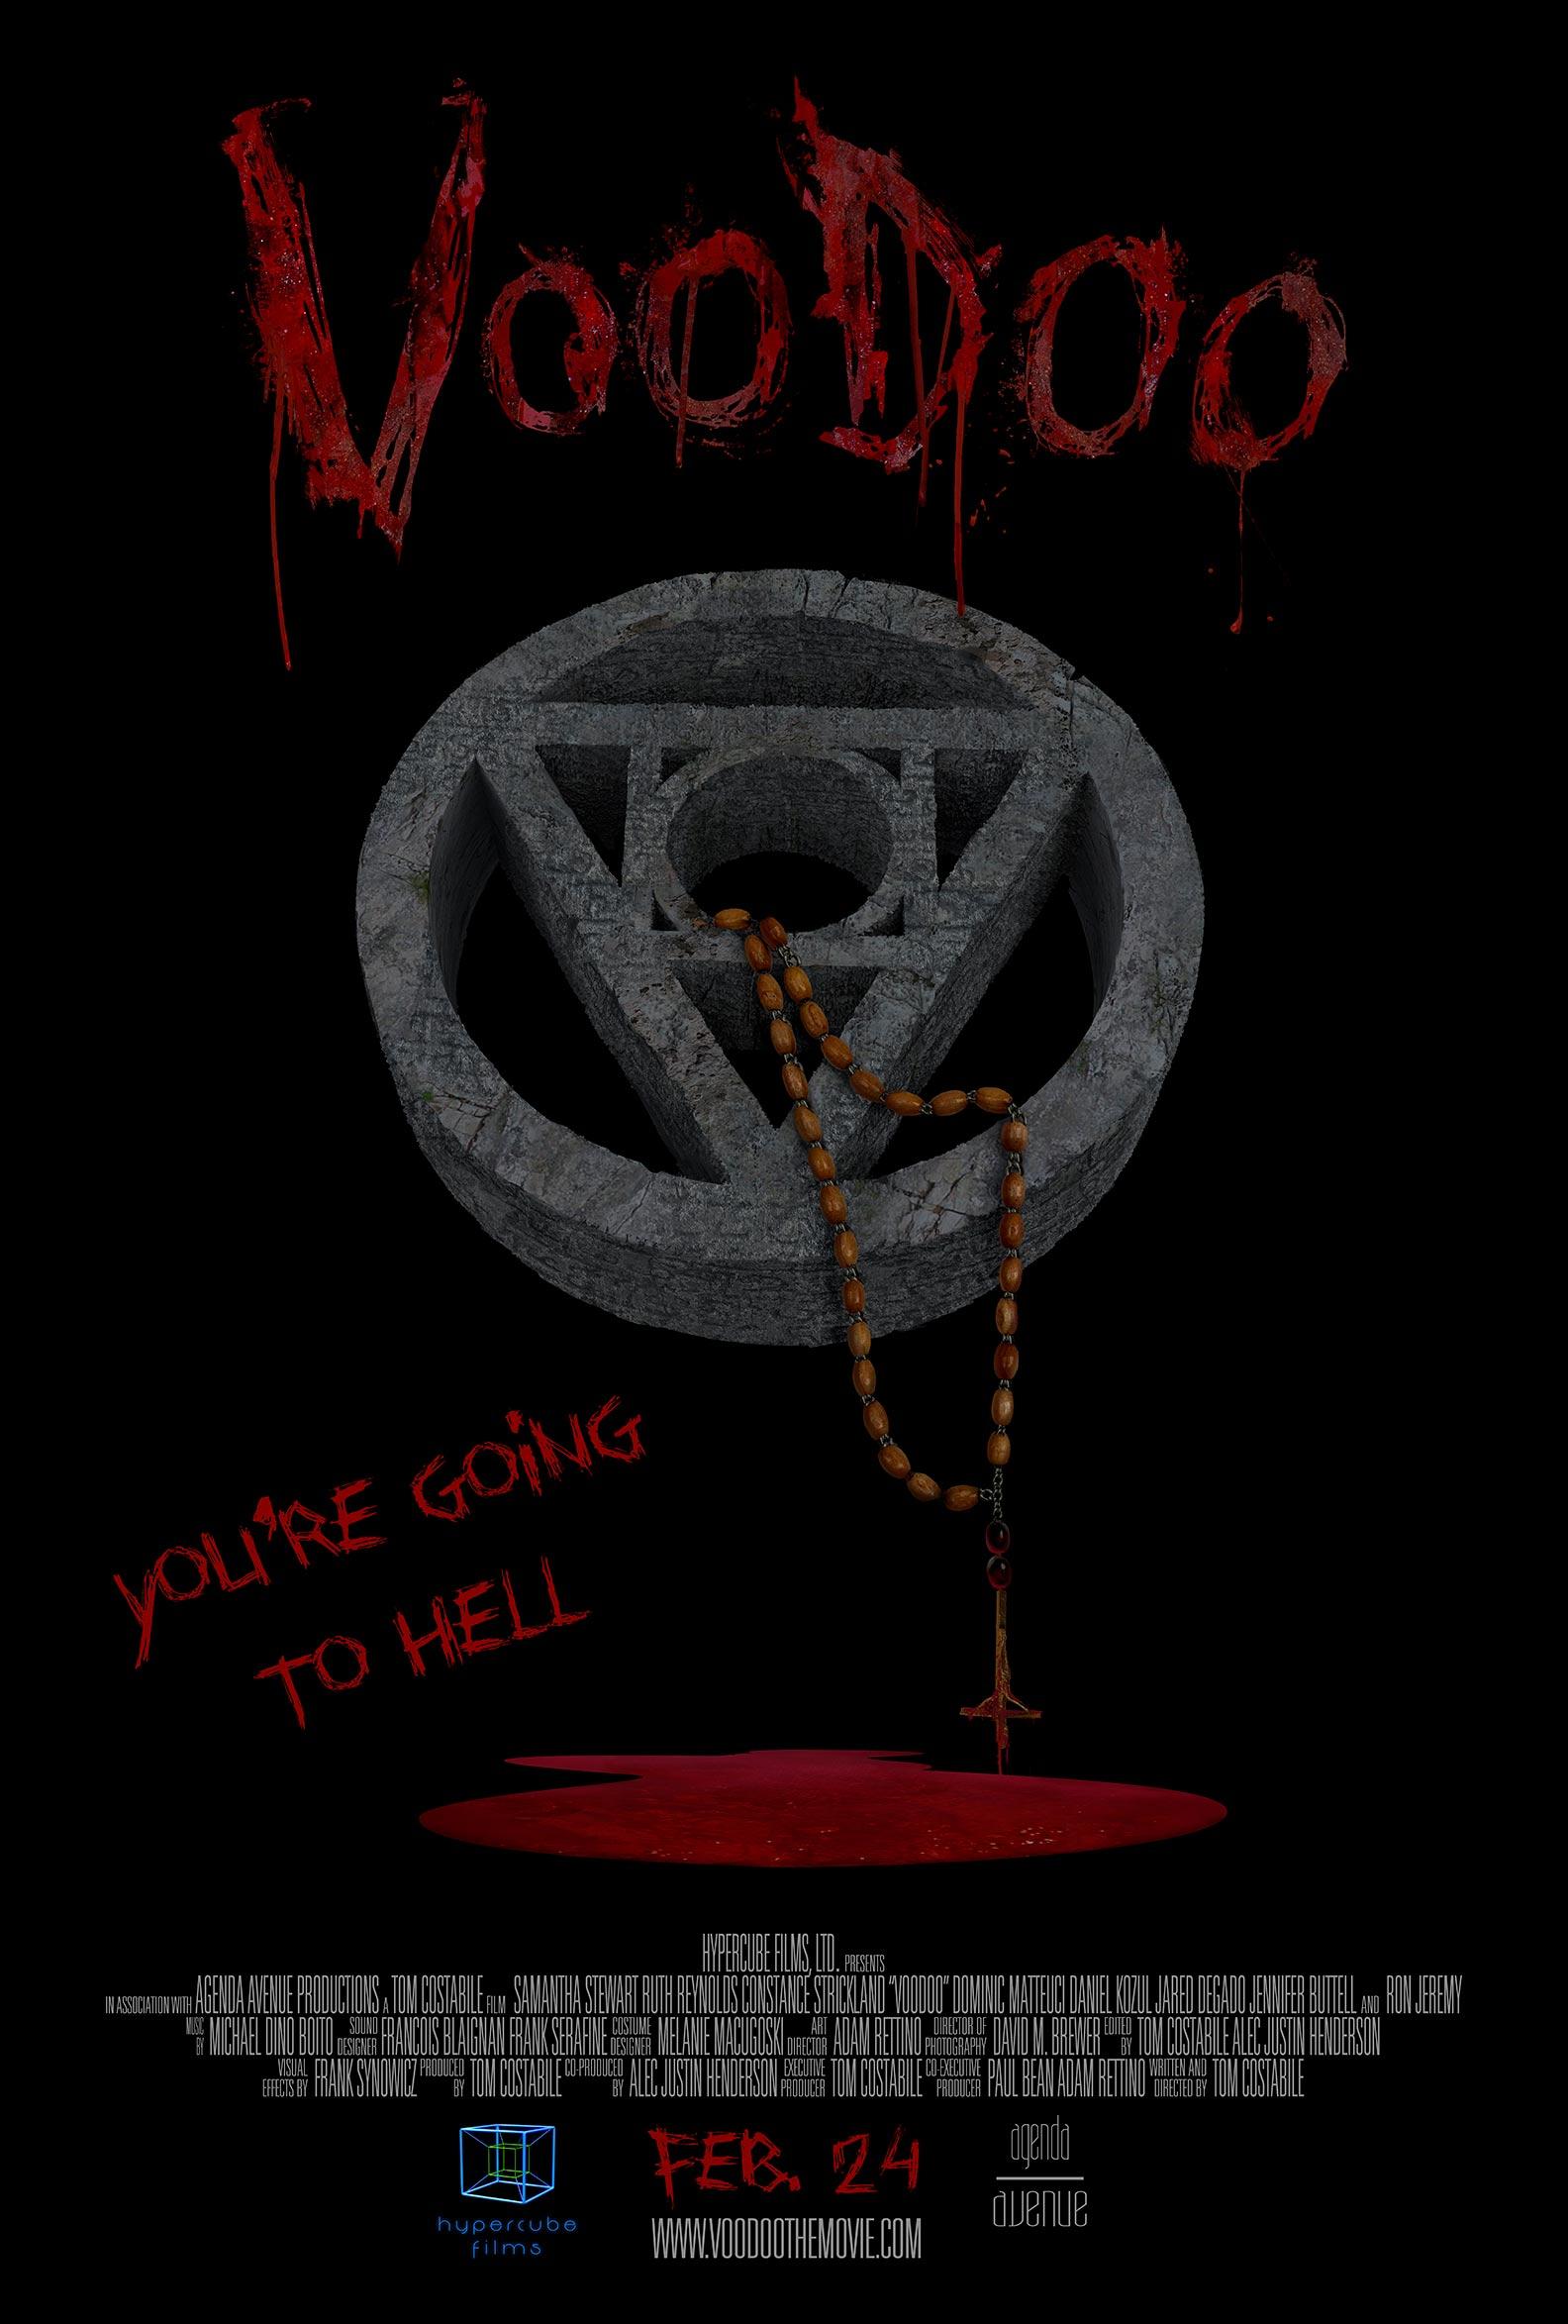 VooDoo Poster #1